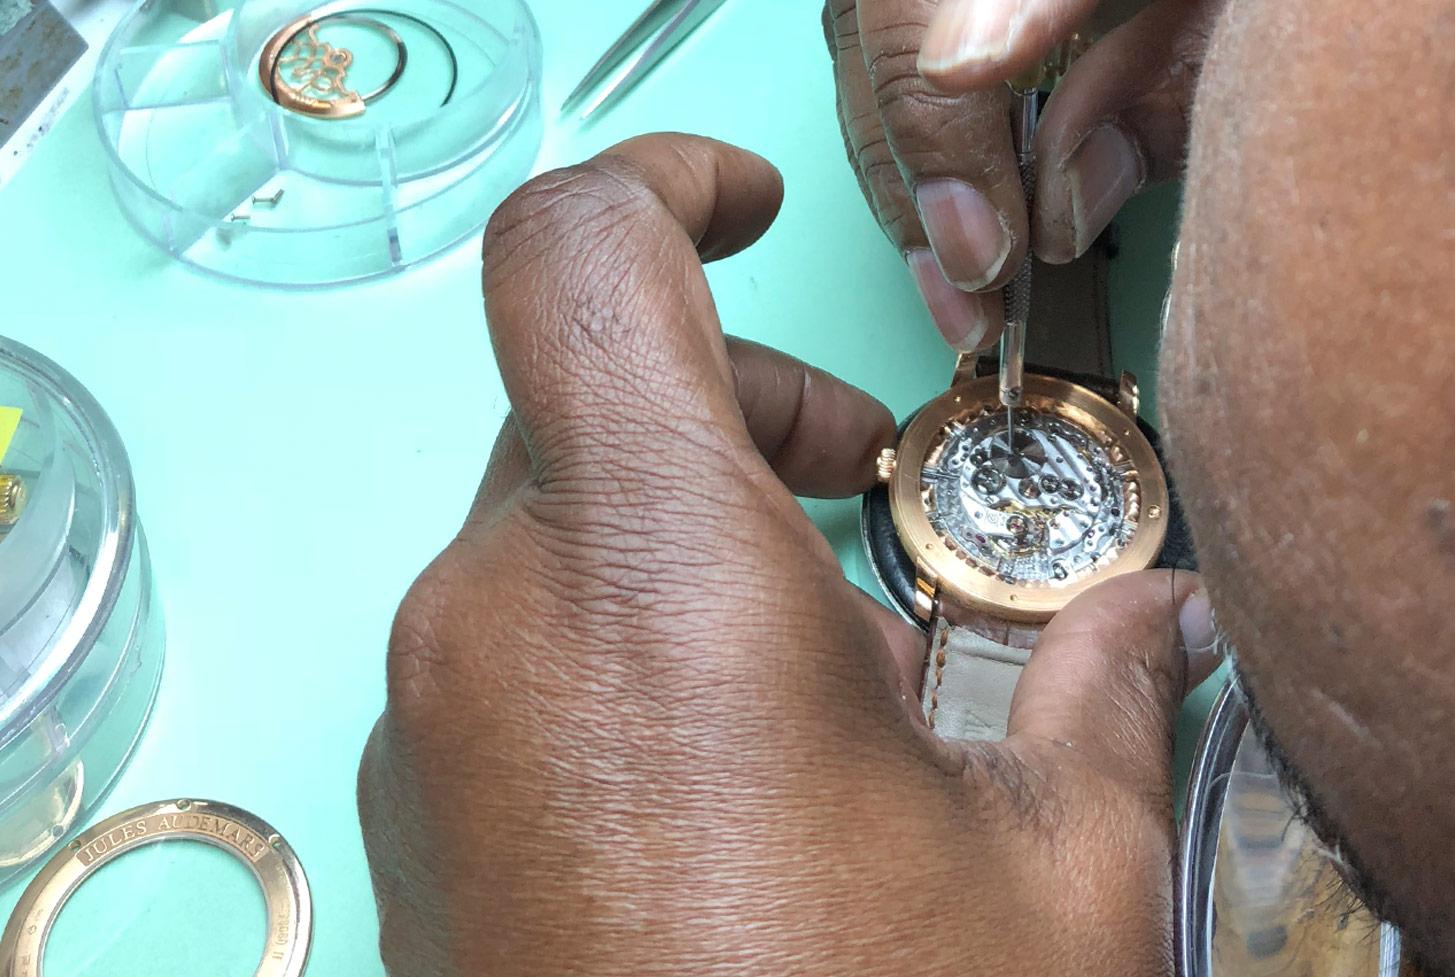 Audemars Piguet Jules Audemars Watch Repair